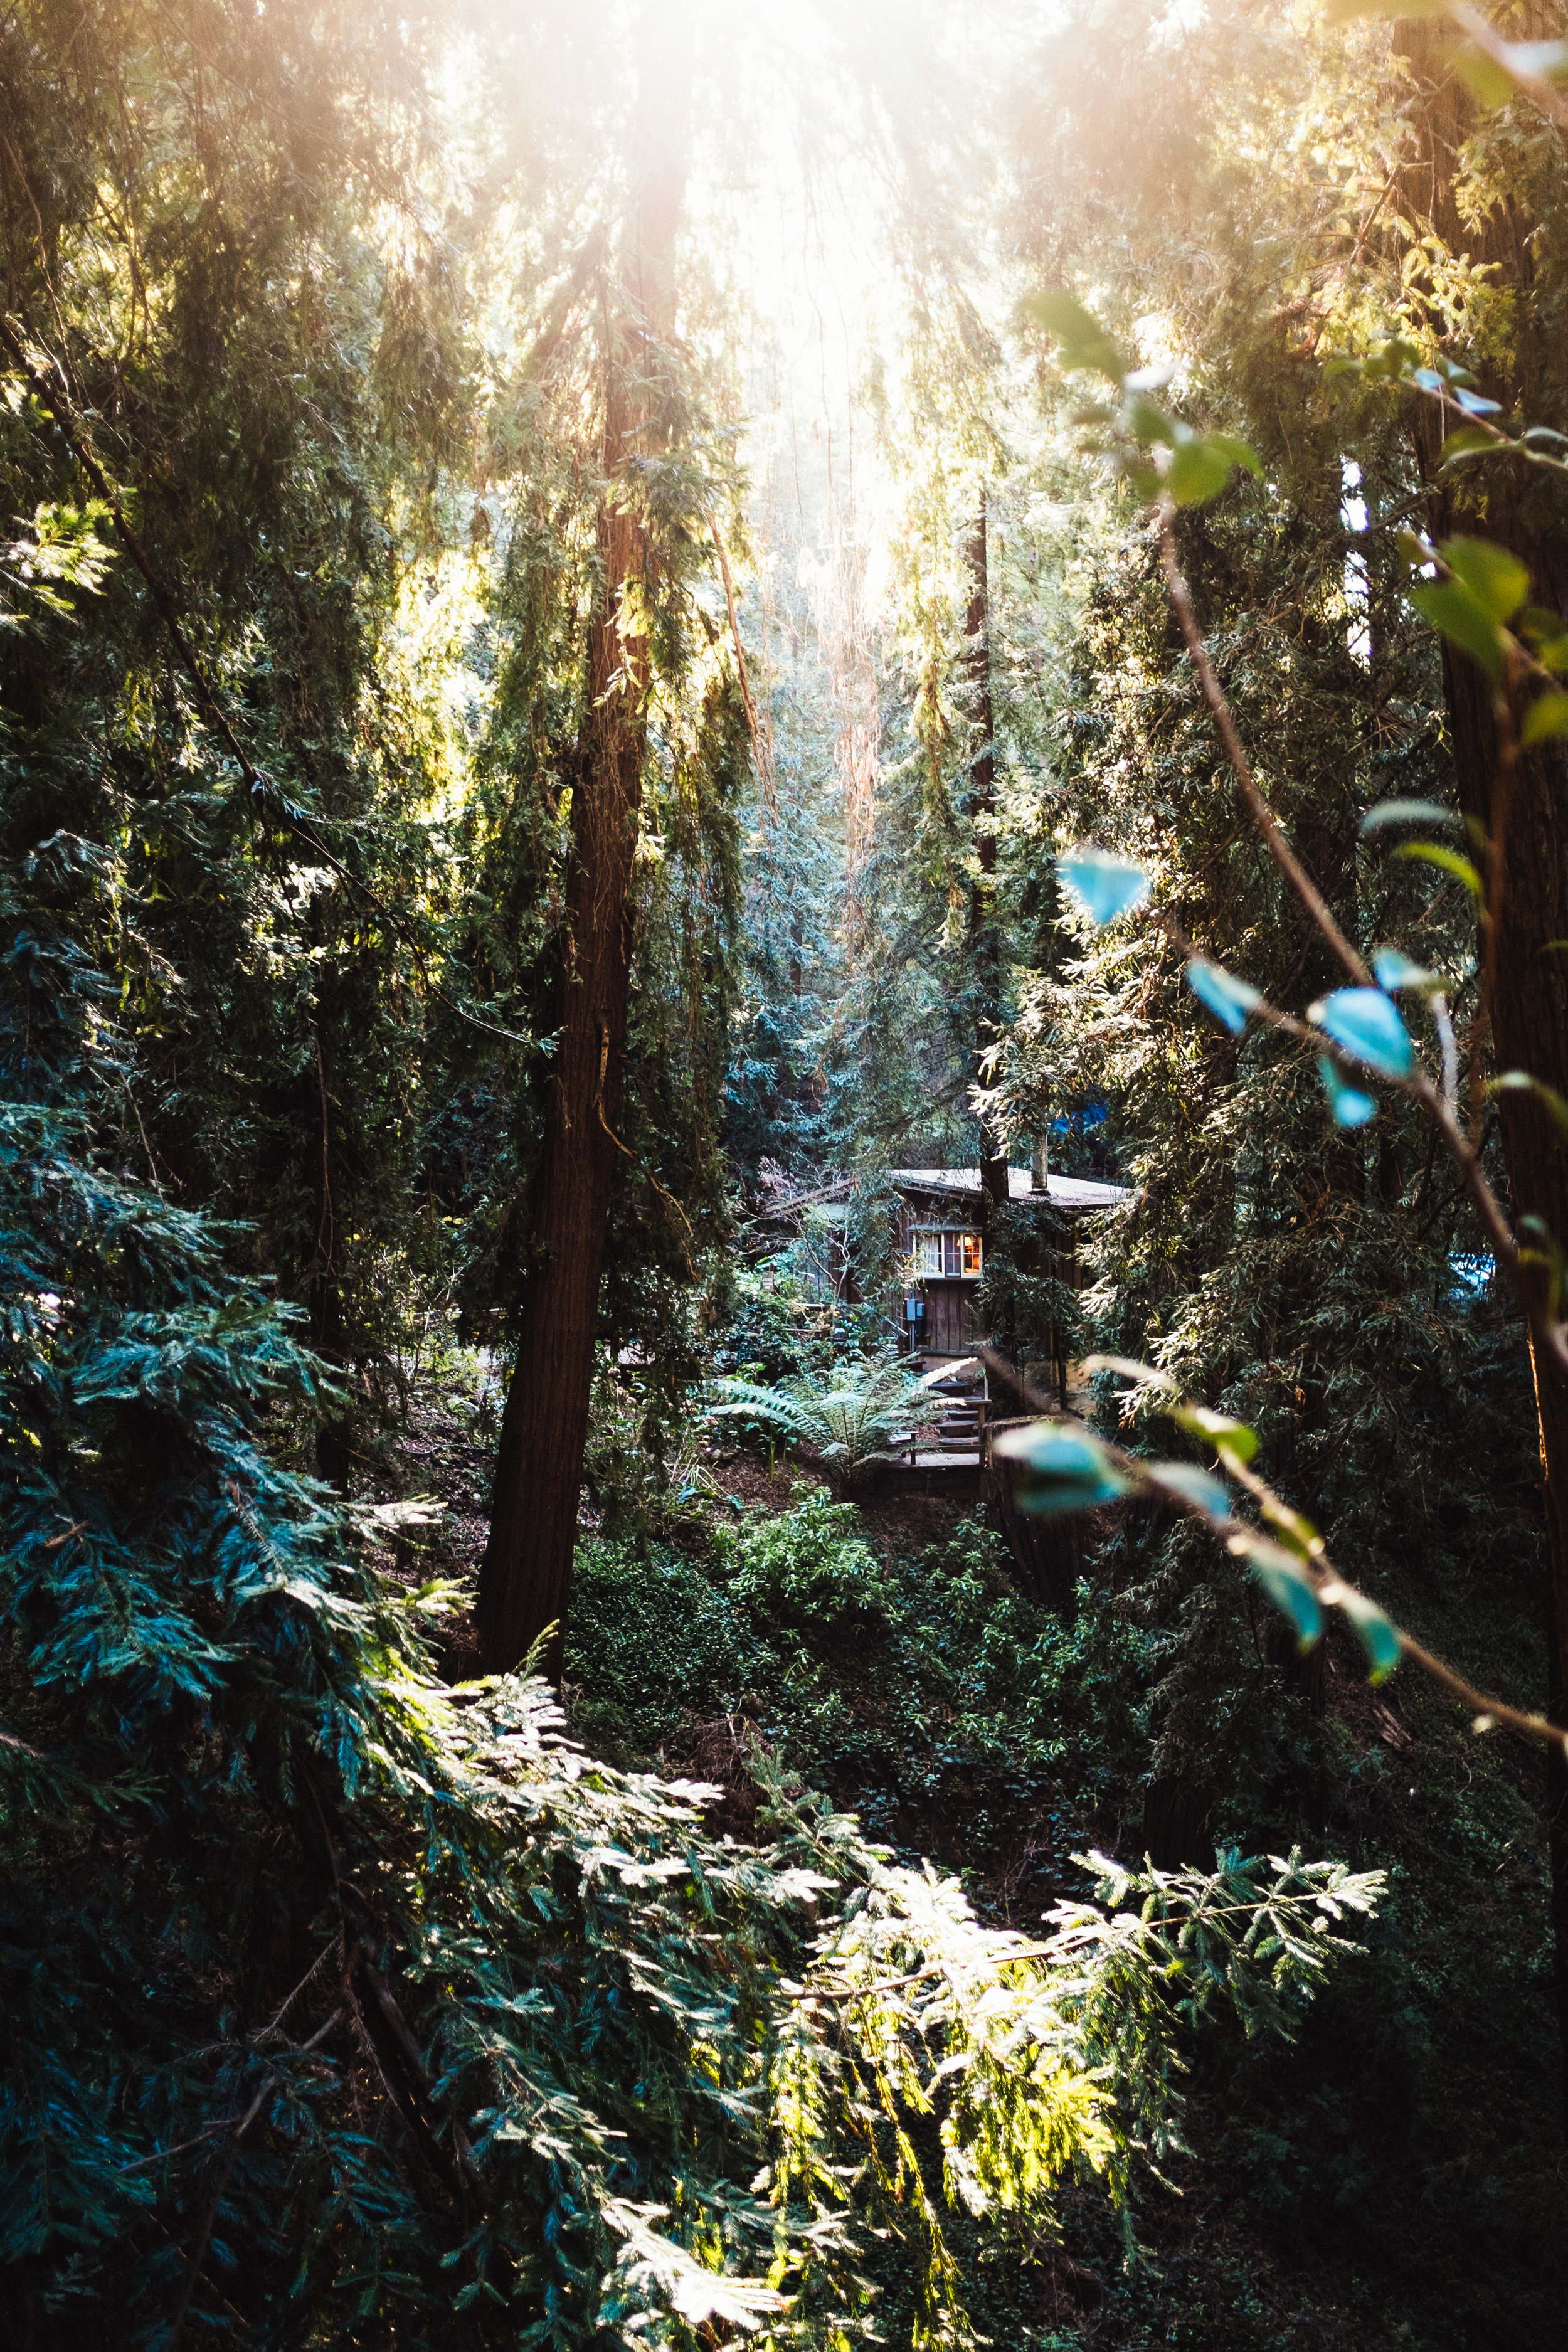 Deetjens Big Sur Inn Forest California Toronto Travel Photographers - Suech and Beck